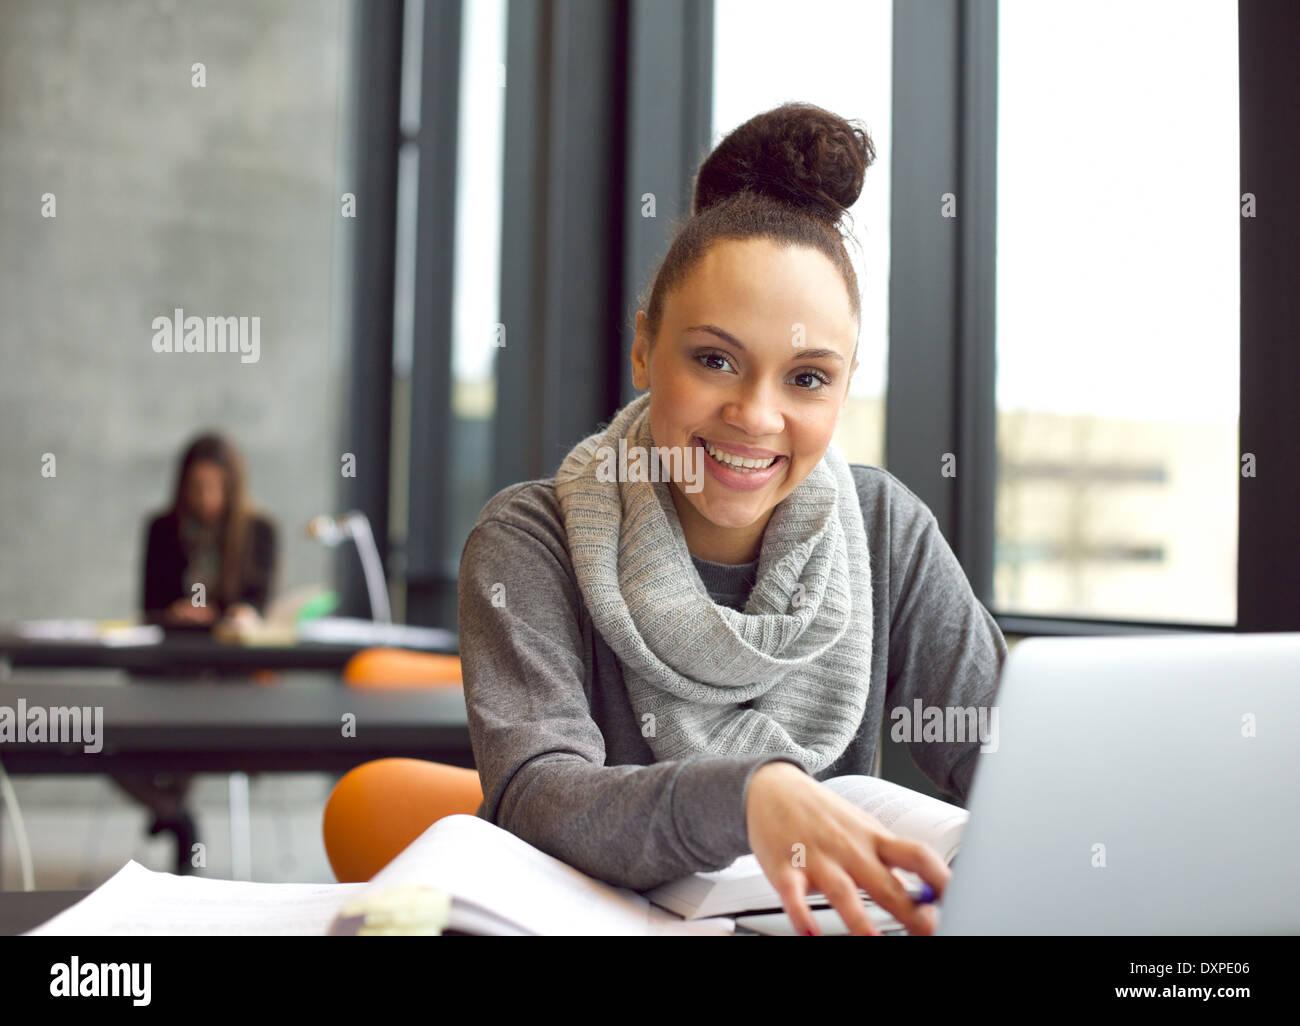 Feliz joven sentado en la biblioteca con libros y un ordenador portátil para buscar información para sus estudios. Imagen De Stock